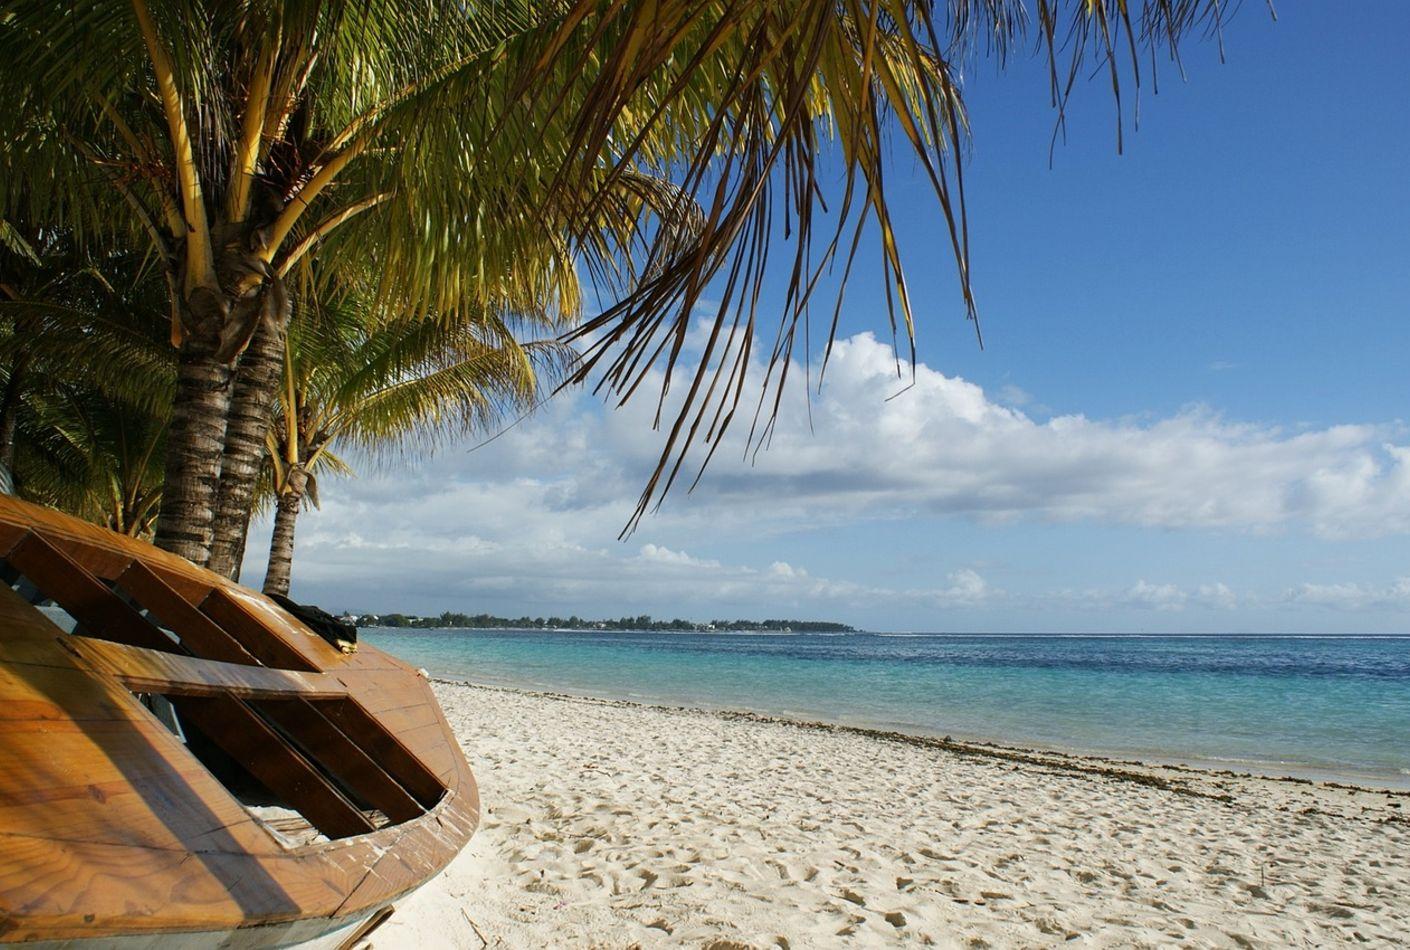 Vista de playa de Mauricio